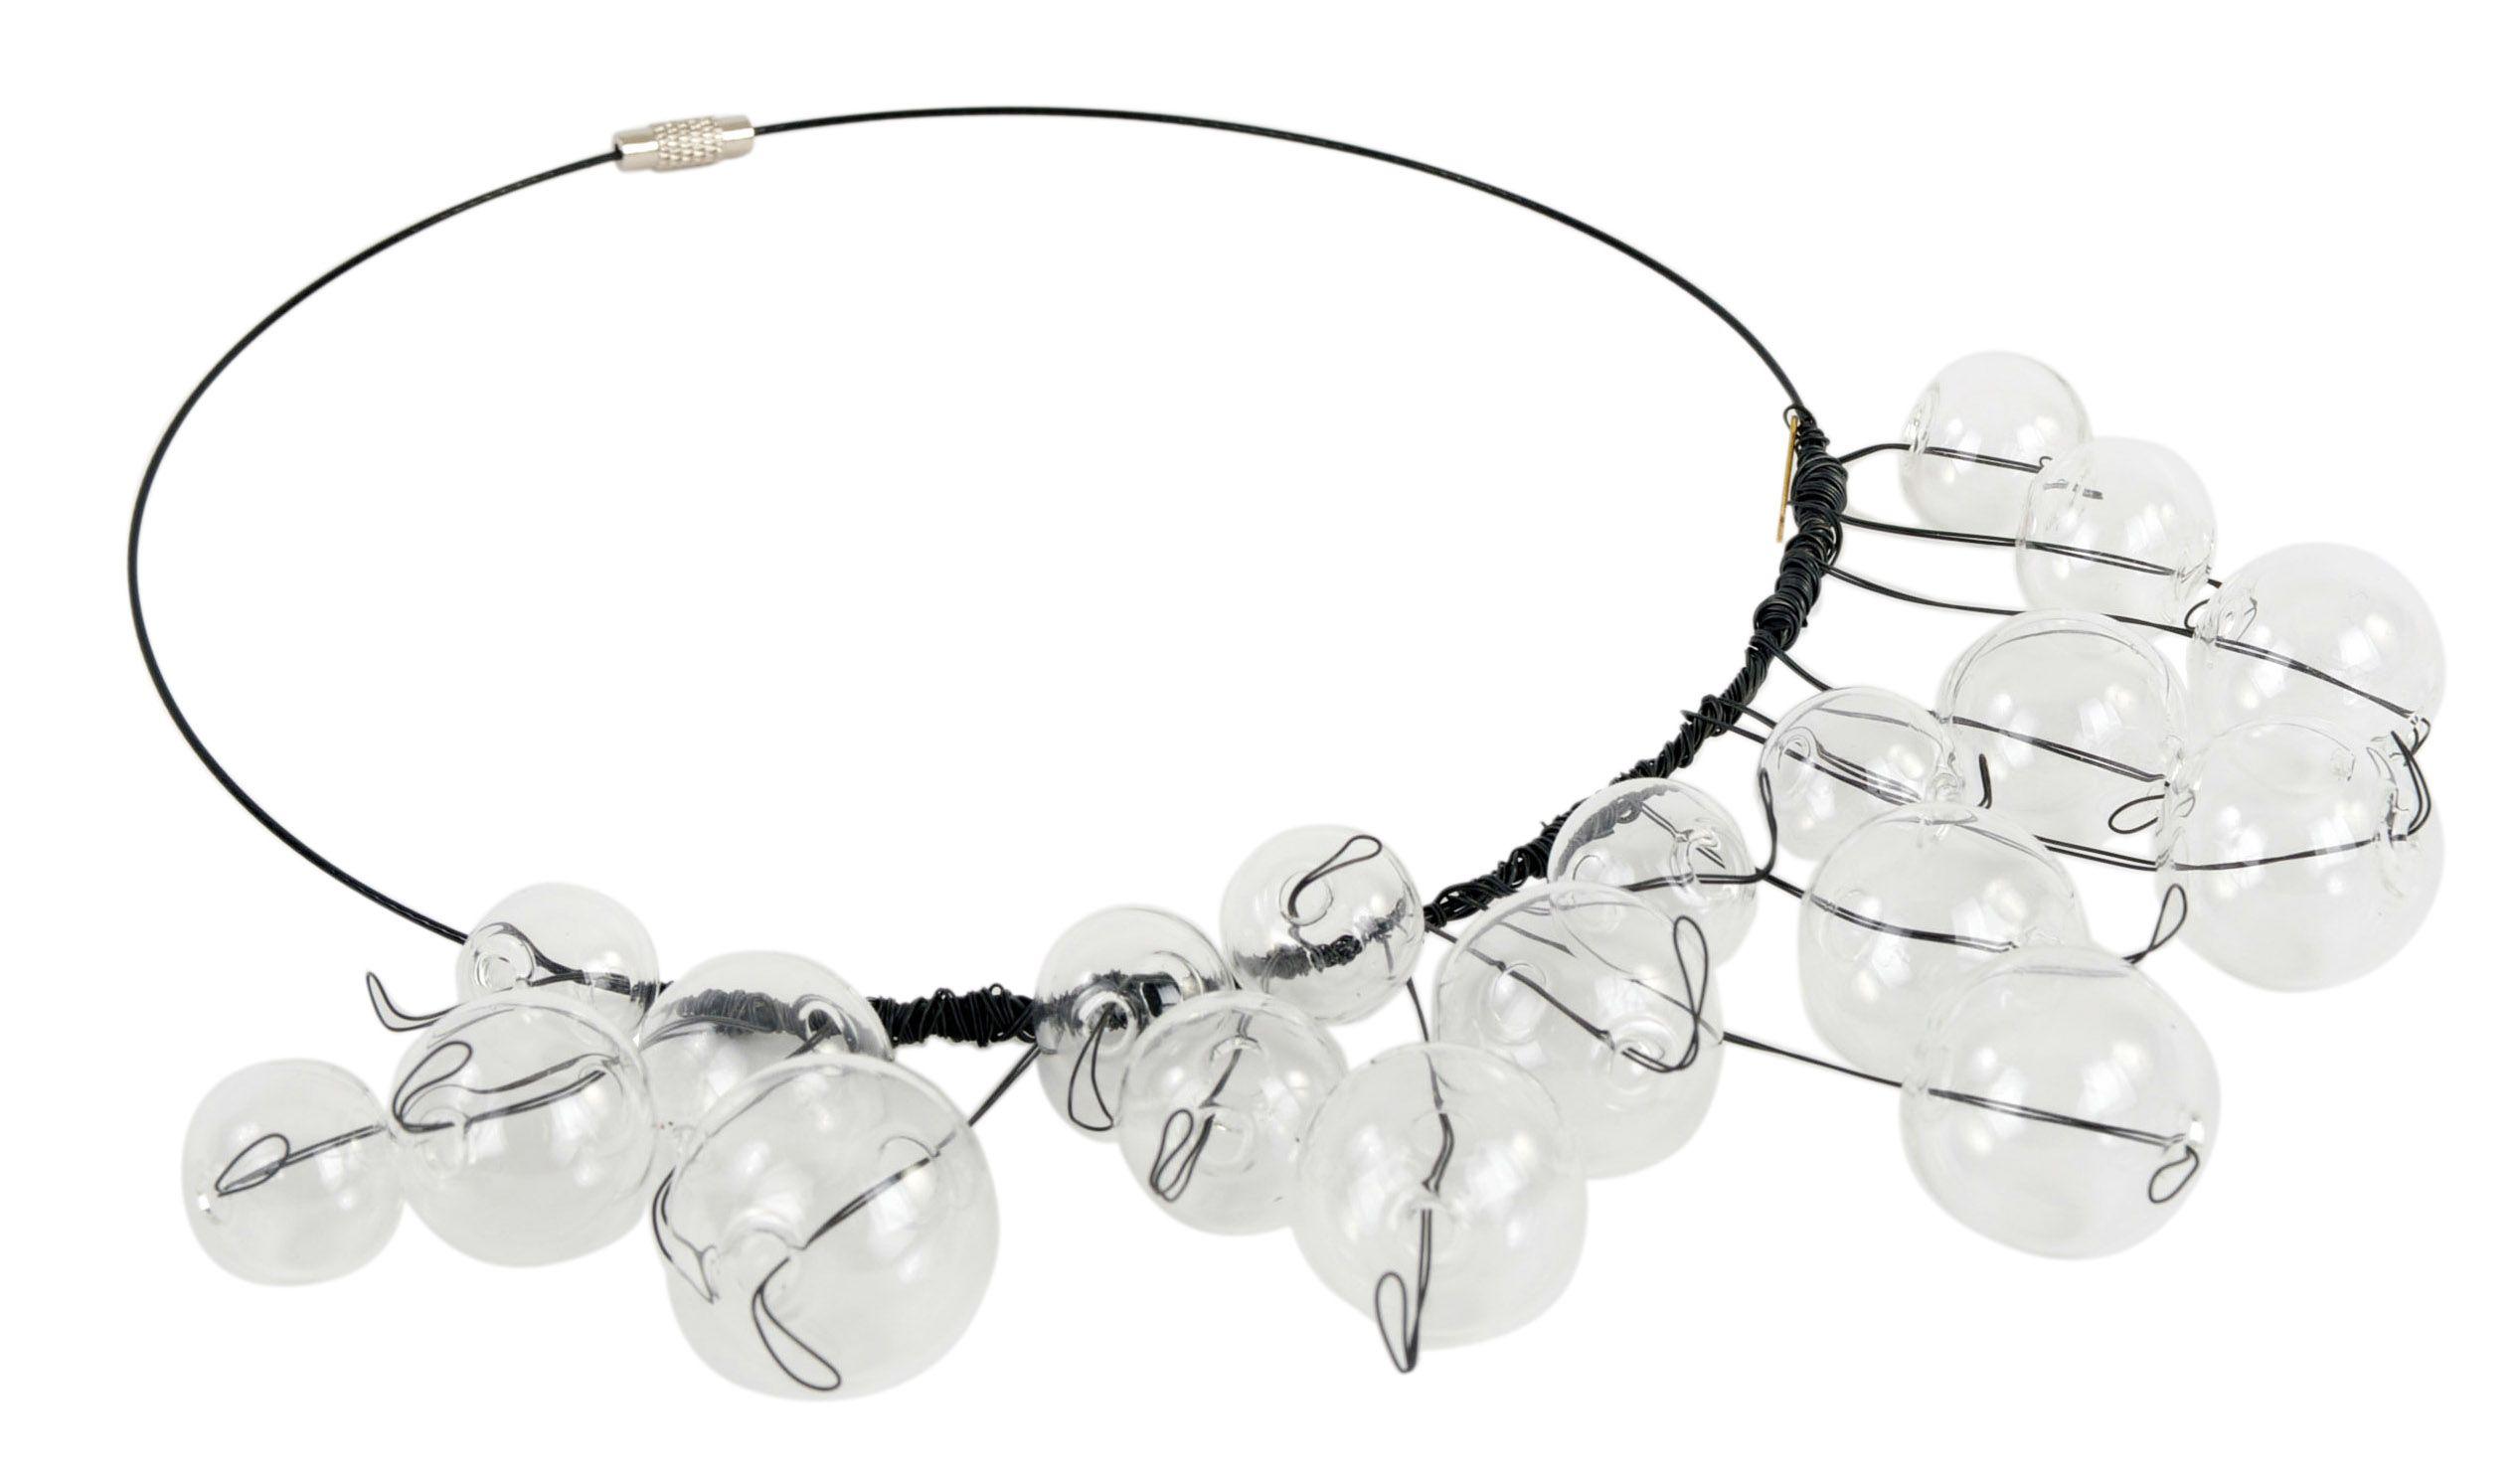 La Celeste glass necklace from Contessa Rosafosca